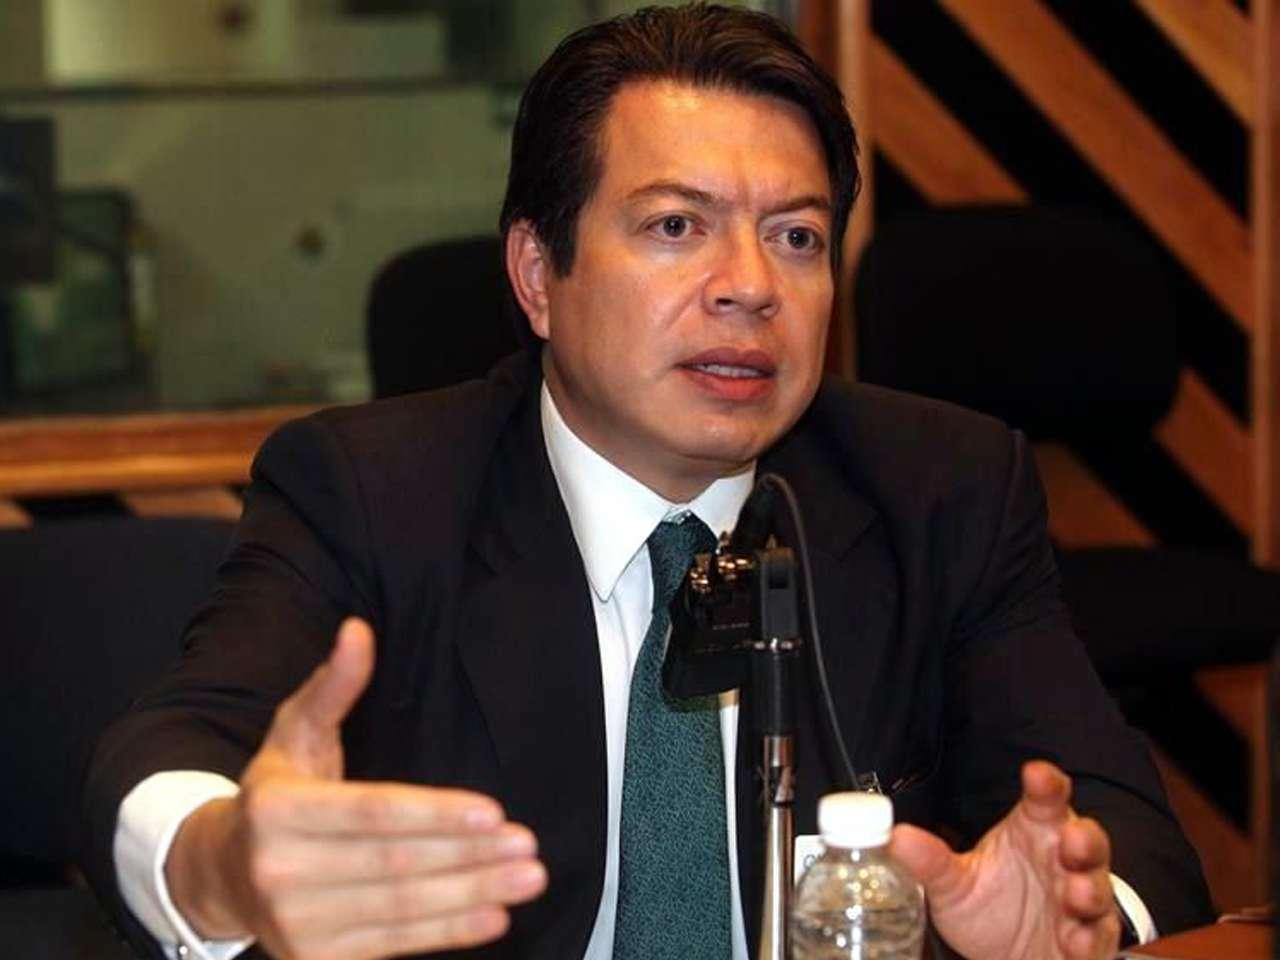 El perredista Mario Delgado anunció el acuerdo entre senadores de su partido, del PRI y del PAN Foto: Reforma/Archivo